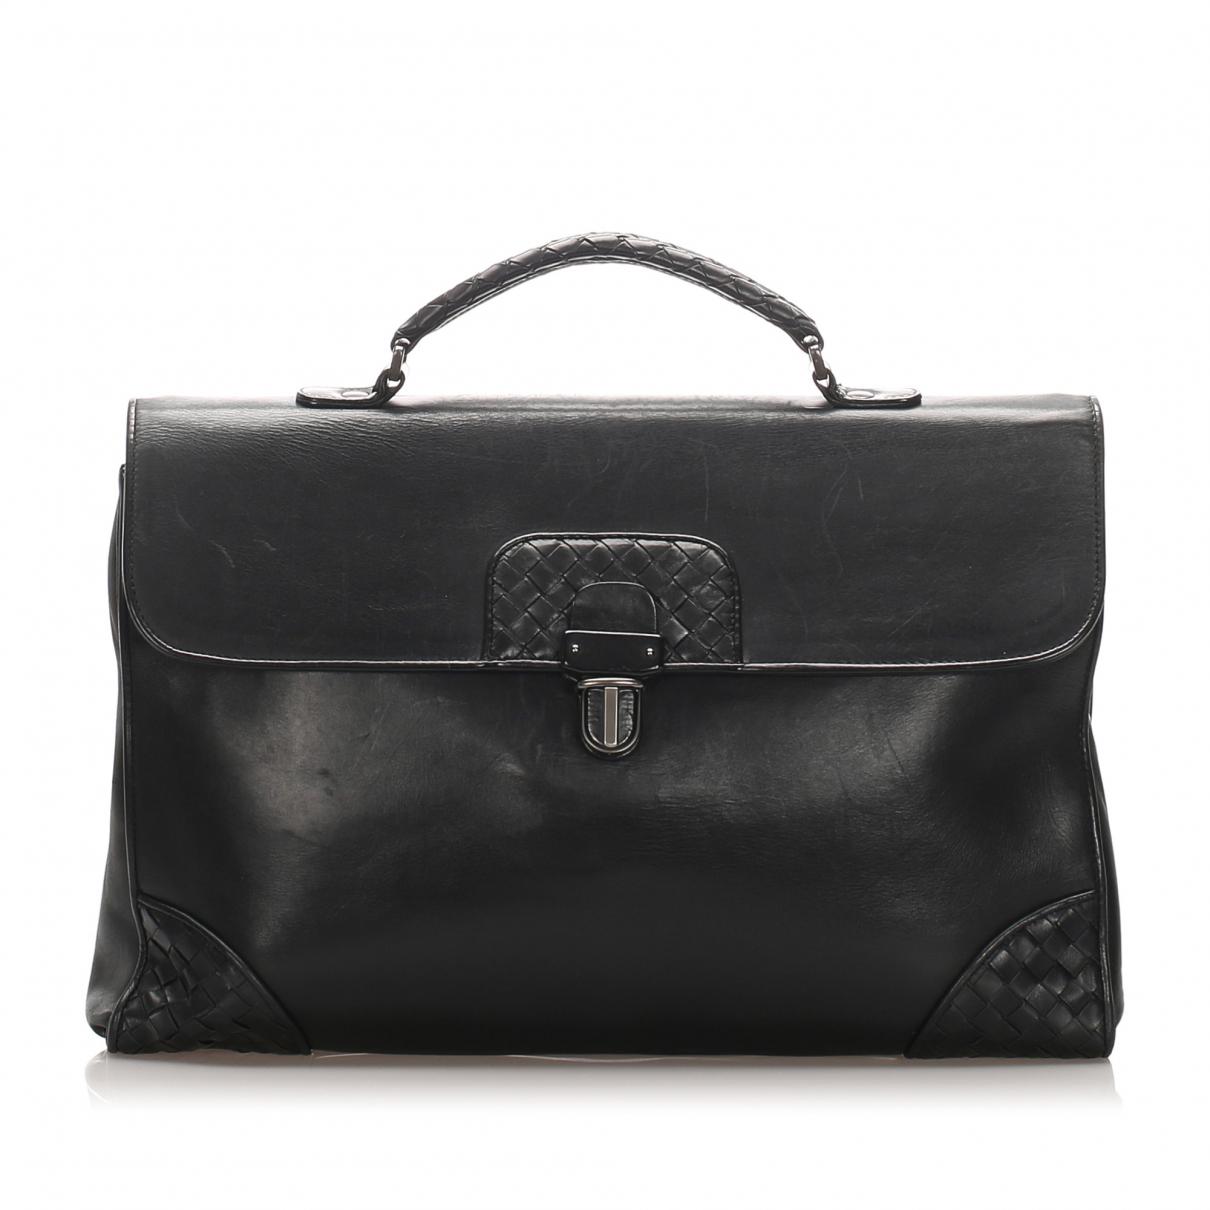 Bottega Veneta N Black Leather handbag for Women N